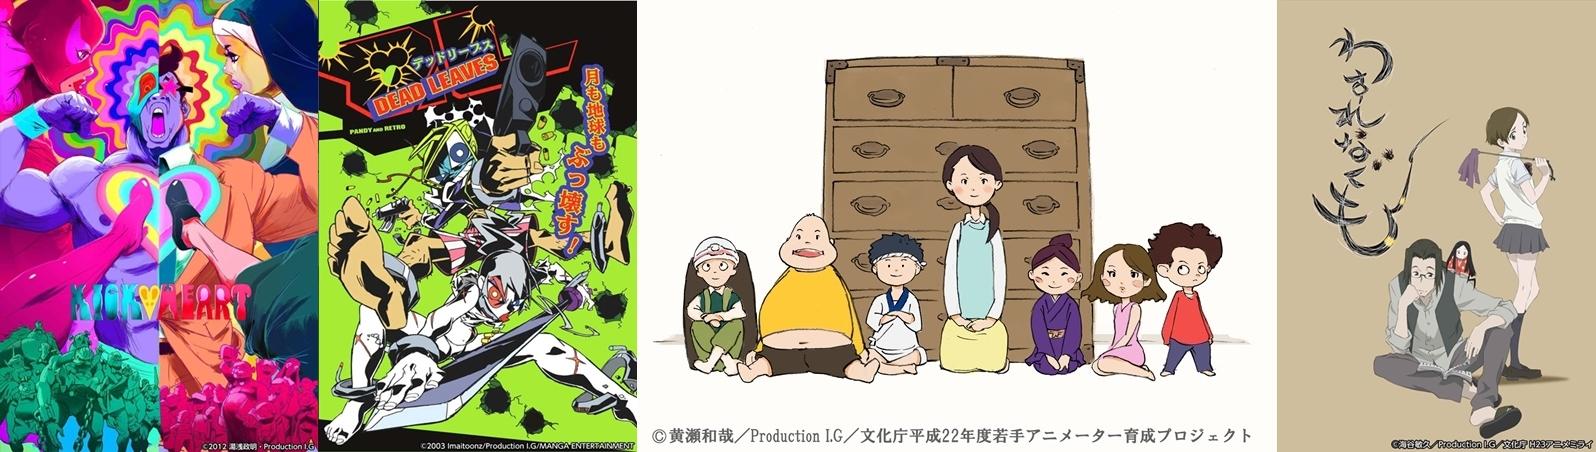 プロダクションI.G、個性派アニメ4タイトル発表 キックハート、DEAD LEAVES、たんすわらし。、わすれなぐも